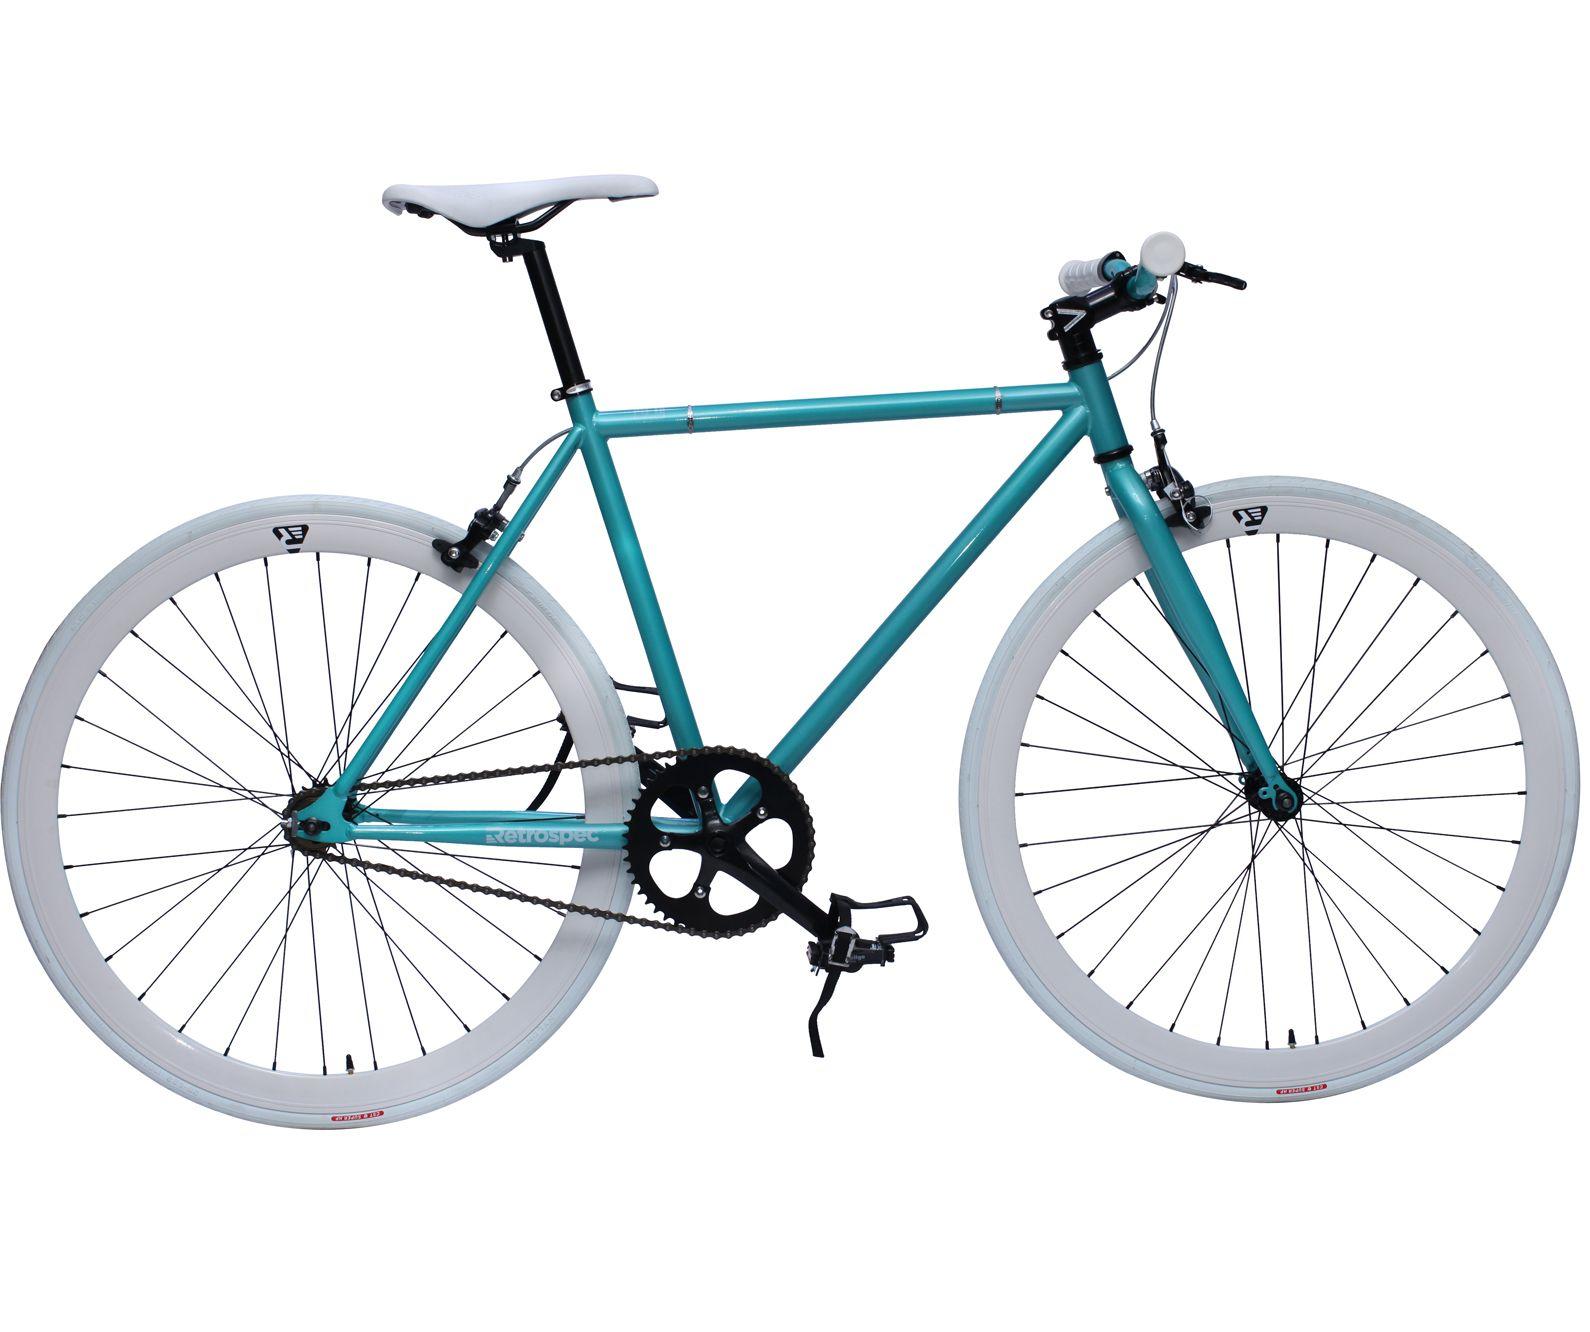 cute coloured fixie bike | Things | Pinterest